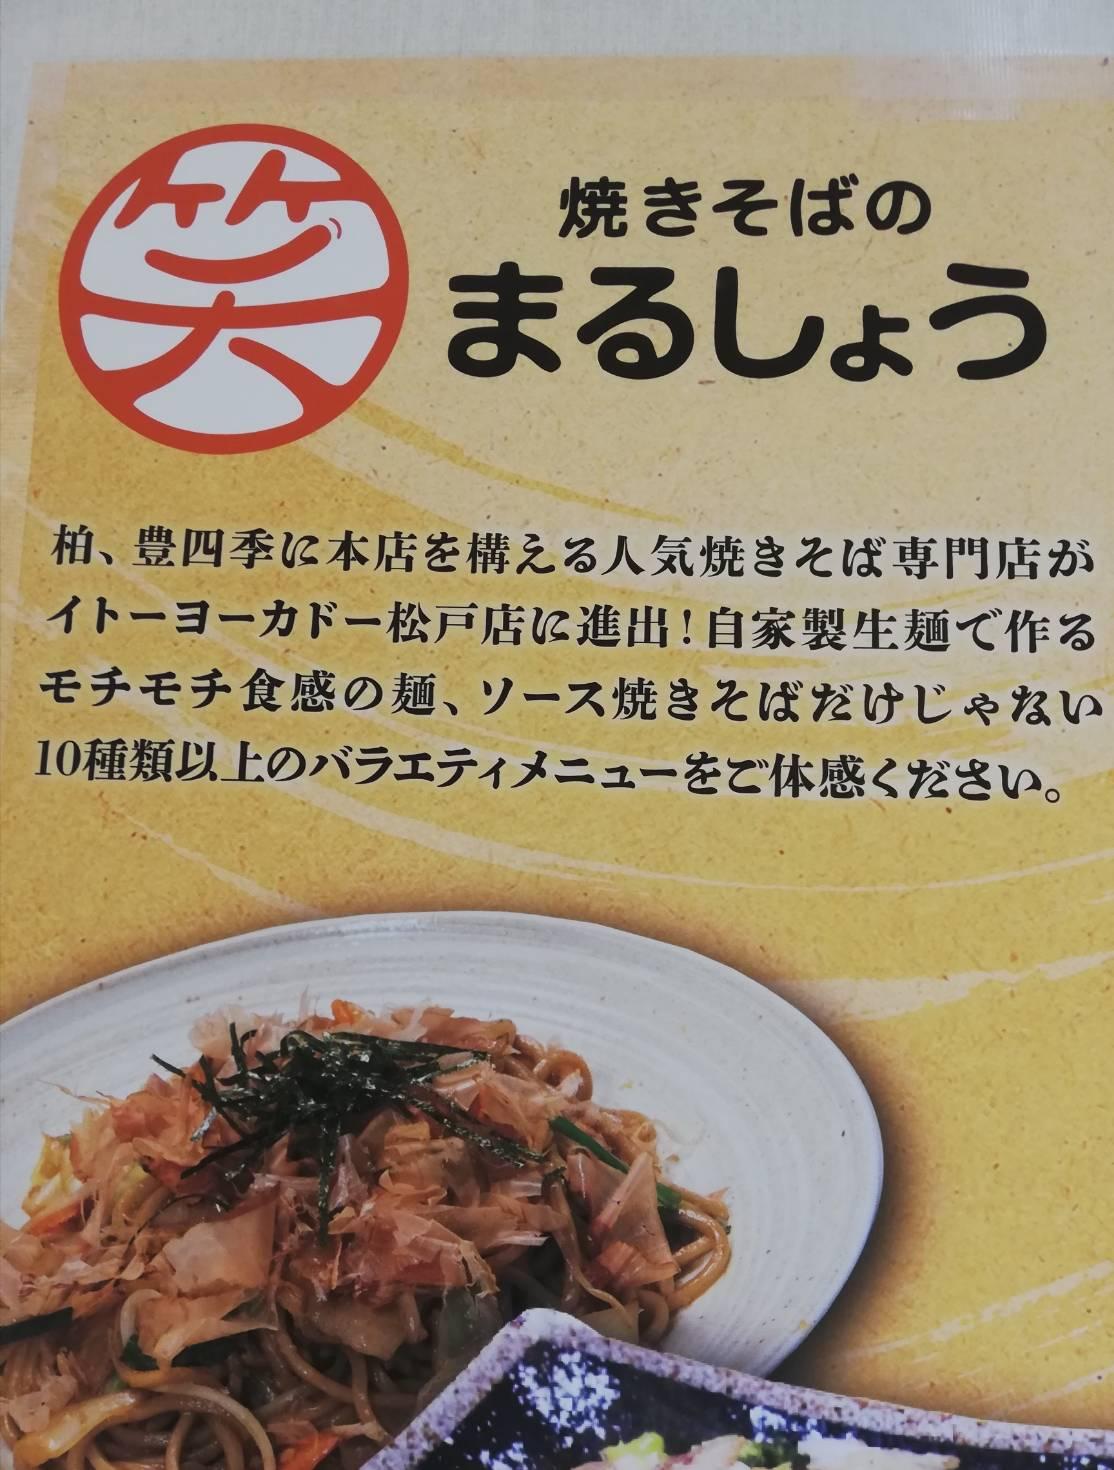 焼きそばのまるしょうイトーヨーカドー松戸店フードコート